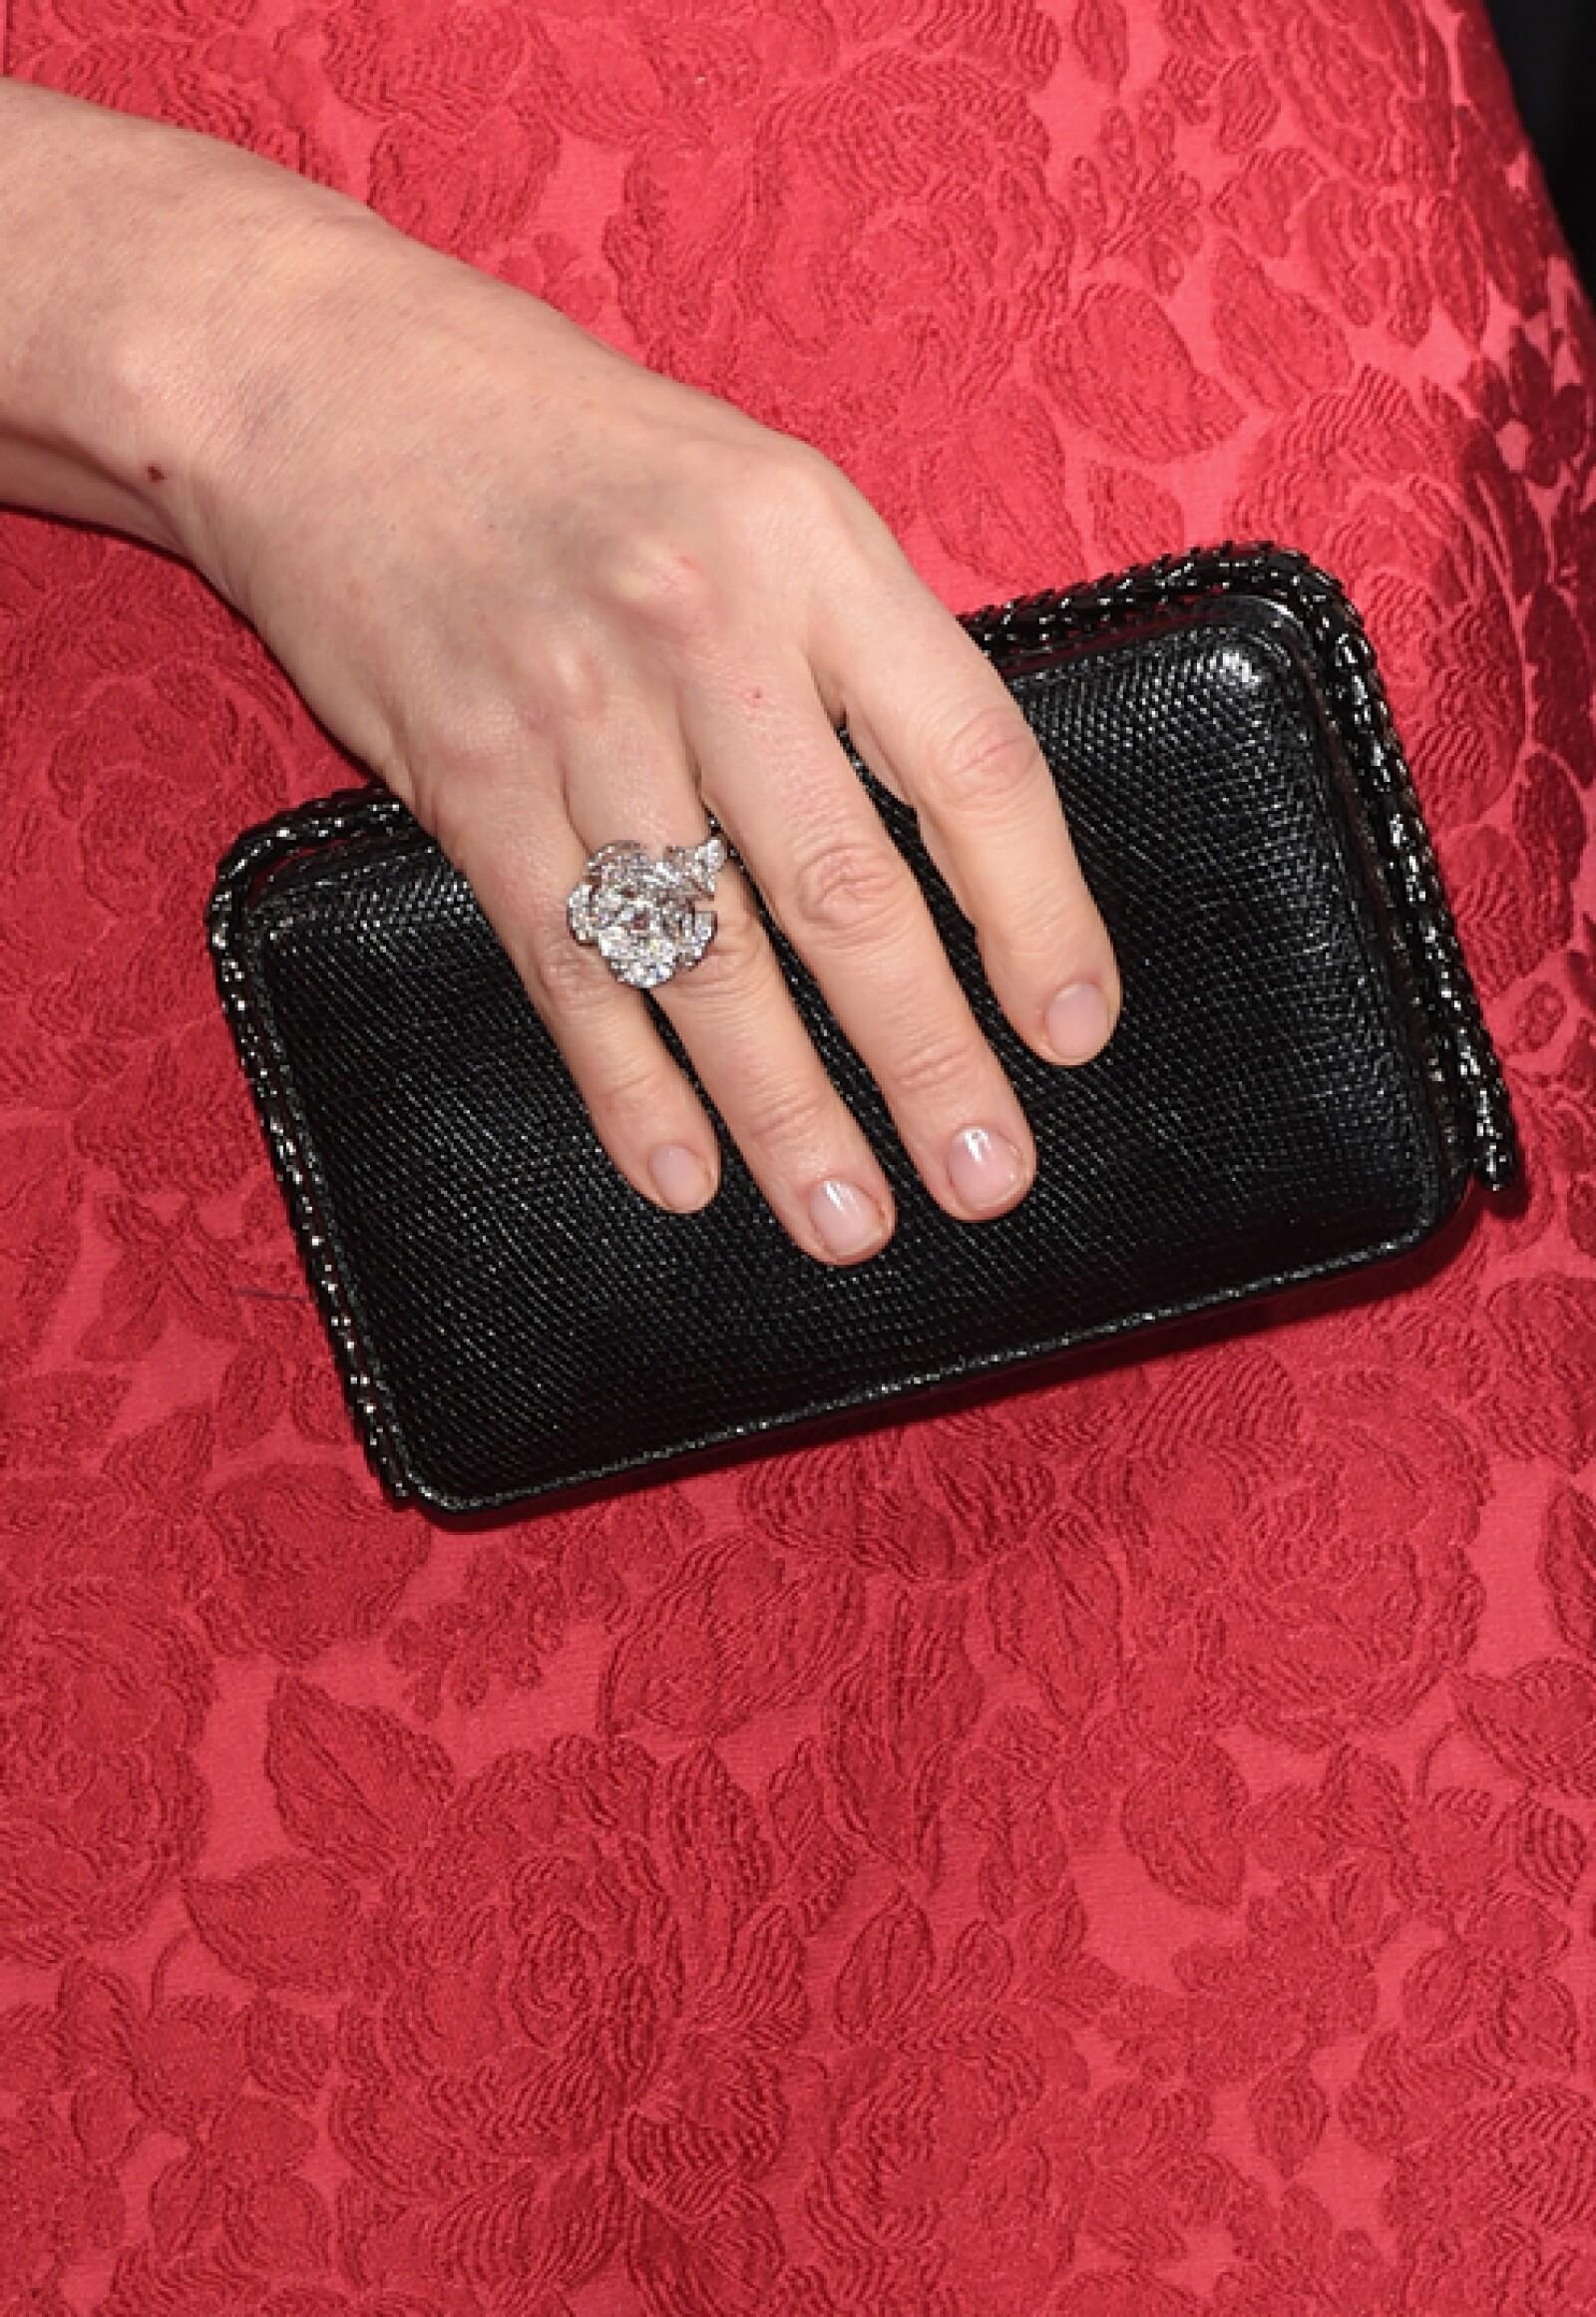 También de Bulgari, Julianna eligió un anillo DIVA en oro blanco con un diamante en corte redondo brillante y diamantes Pavé.